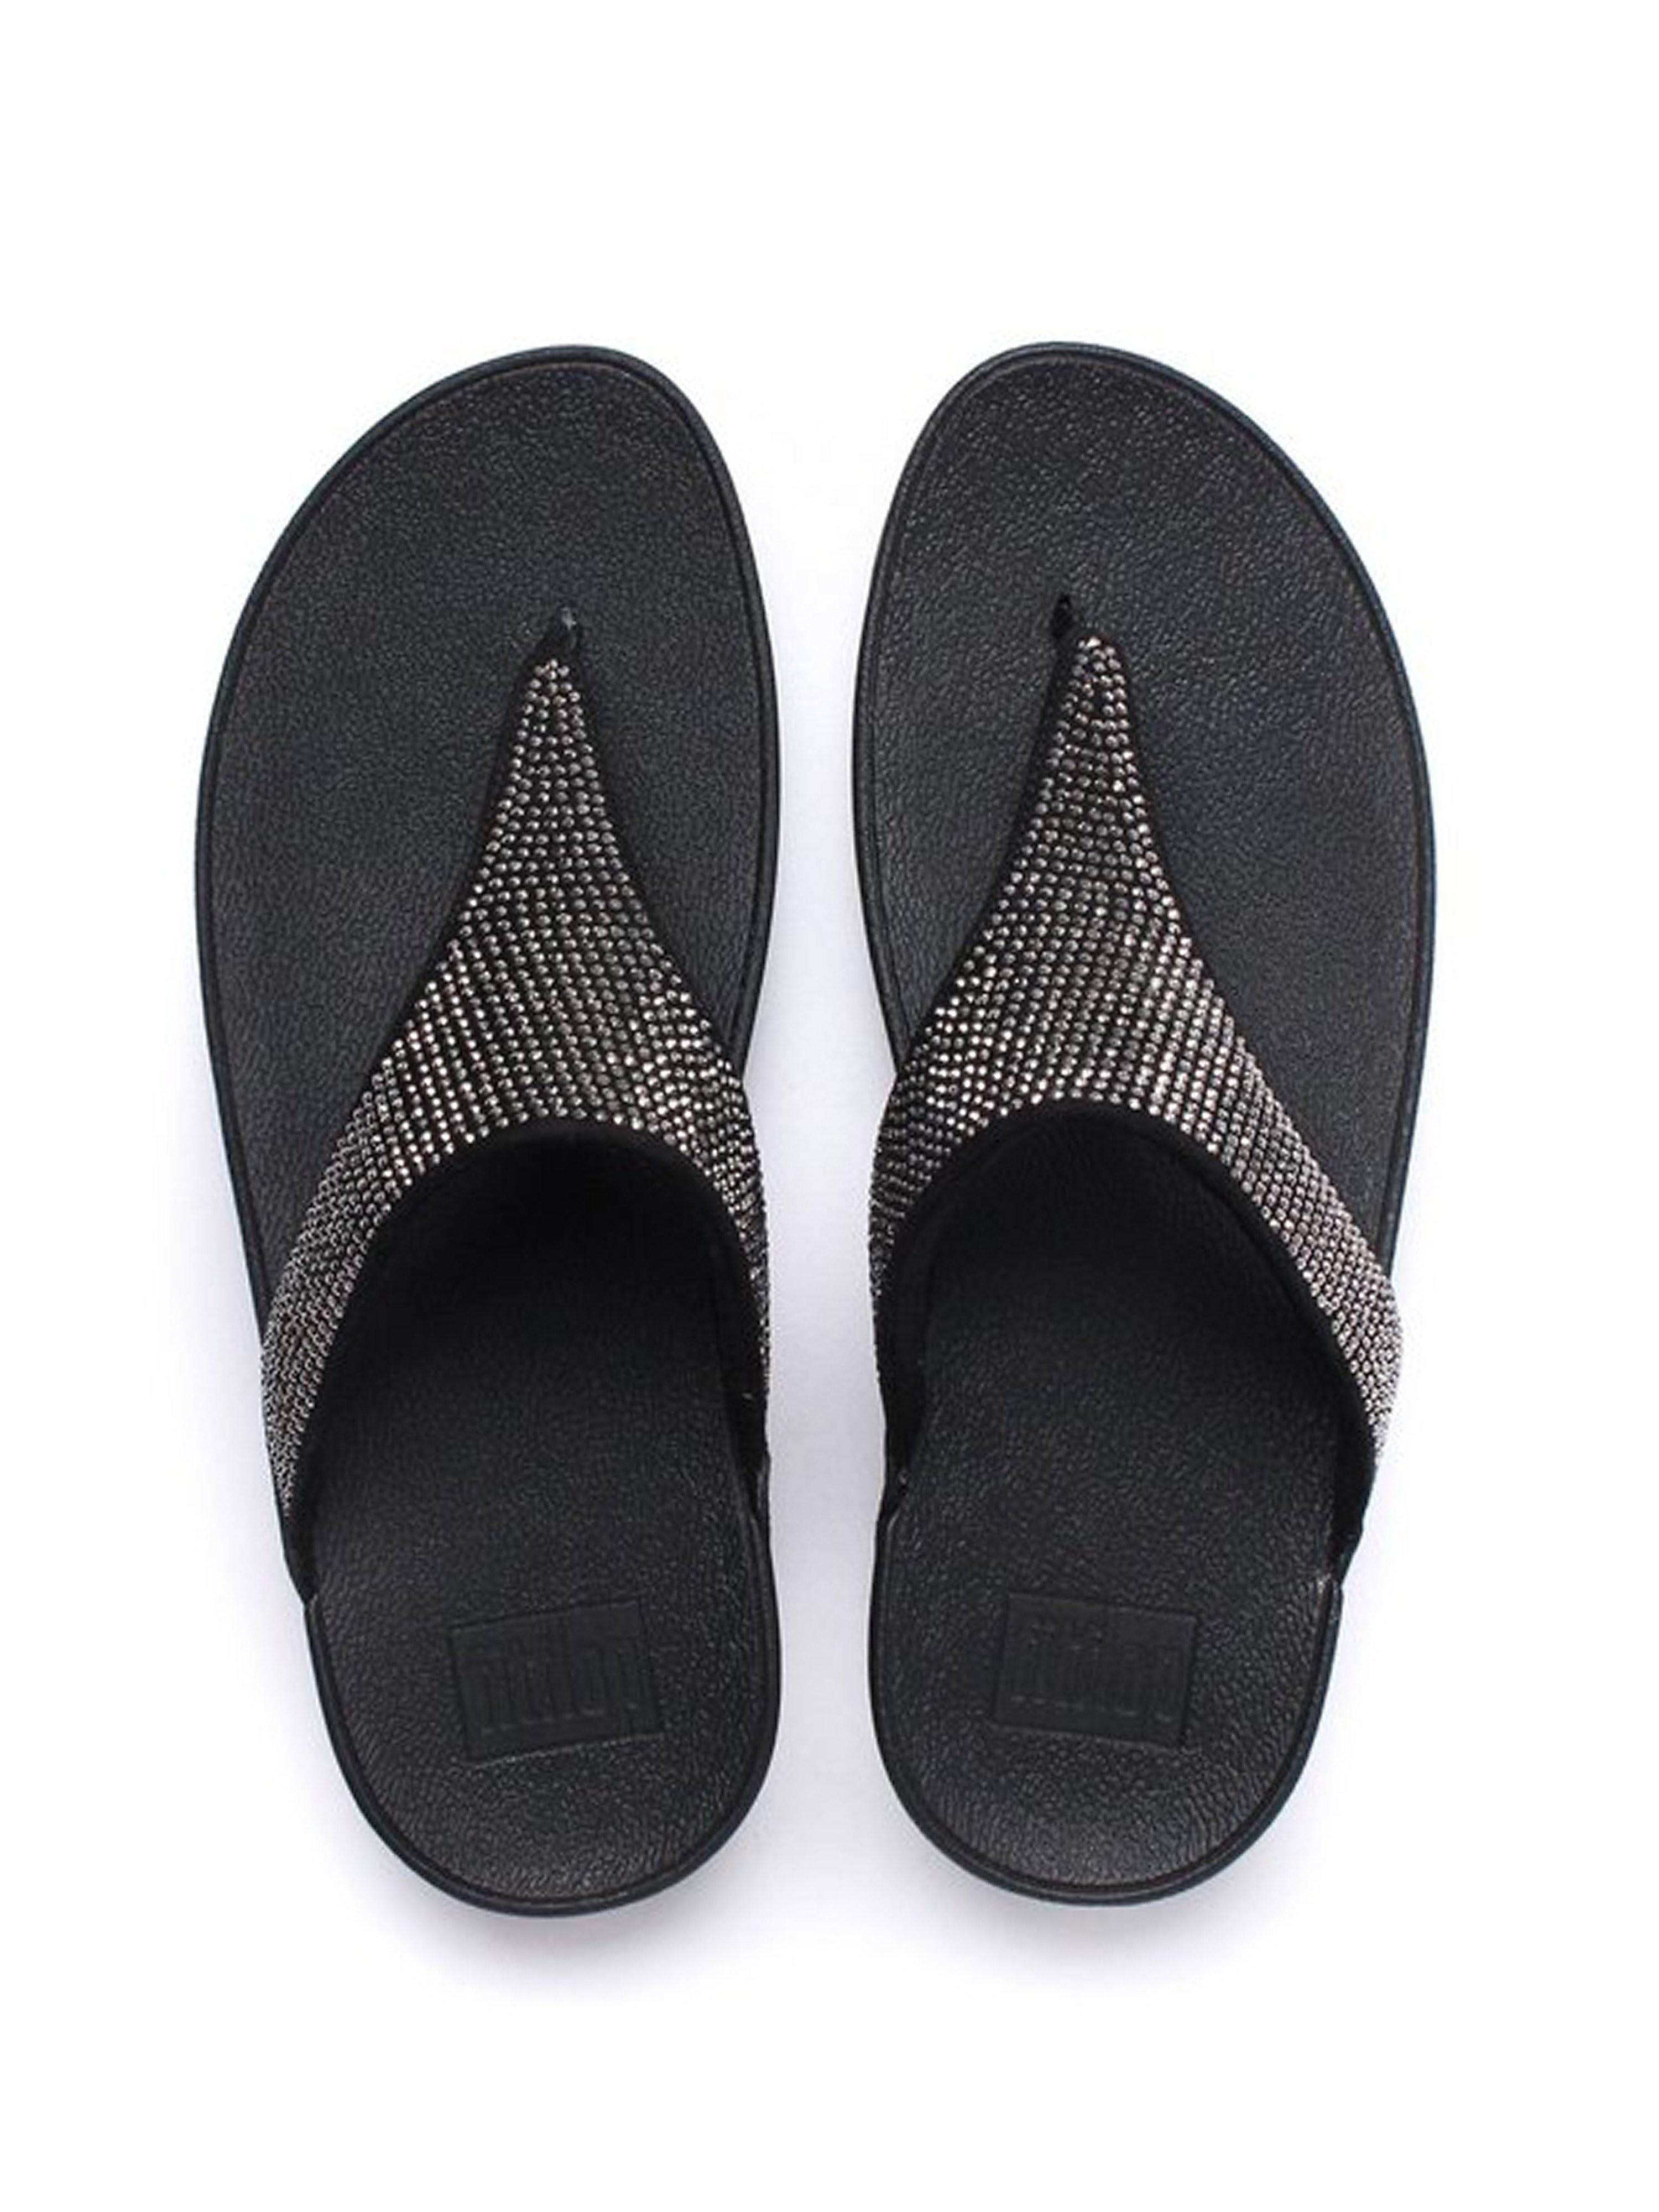 FitFlop Women's Slinky Rokkit Toe-Post Sandals - Black